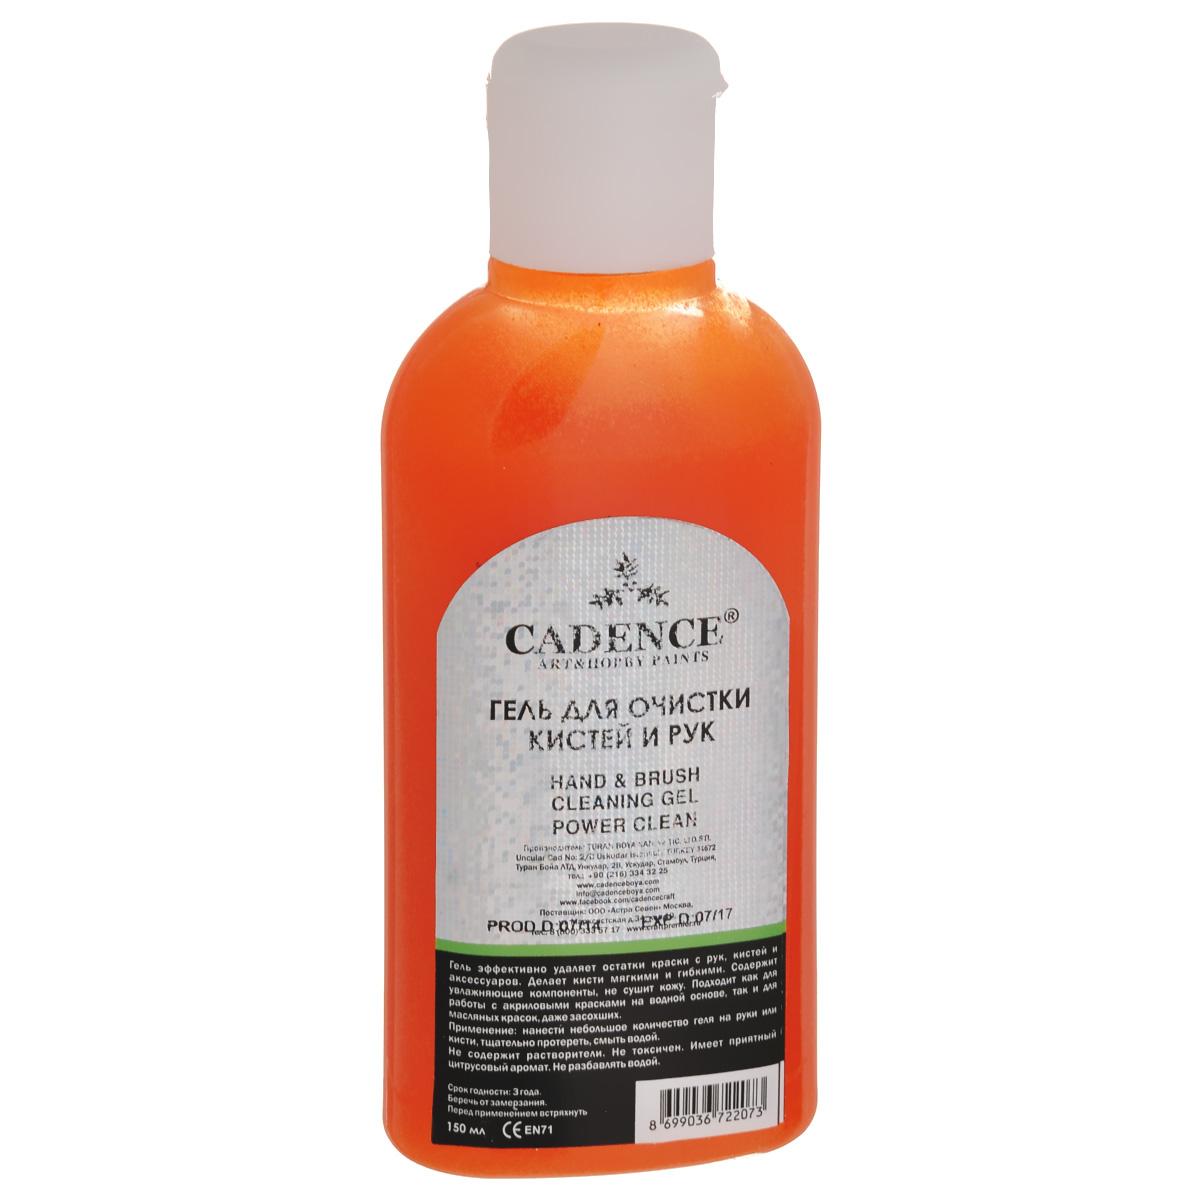 Гель для очистки рук и кистей Cadence, 150 мл2207-1Гель Cadence - это универсальный очиститель на водной основе. Он эффективно удаляет остатки краски с рук, кистей и аксессуаров. Делает кисти мягкими и гибкими. Содержит увлажняющие компоненты, не сушит кожу. Гель подходит как для работы с акриловыми красками на водной основе, так и для масляных красок, даже засохших. Гель не содержит растворители. Не токсичен. Имеет приятный цитрусовый аромат. Не разбавлять водой. Состав: аква полиэтилен 60%, вода 30%, диоксид титана 7%, присадка 2%, диспергент 2%.